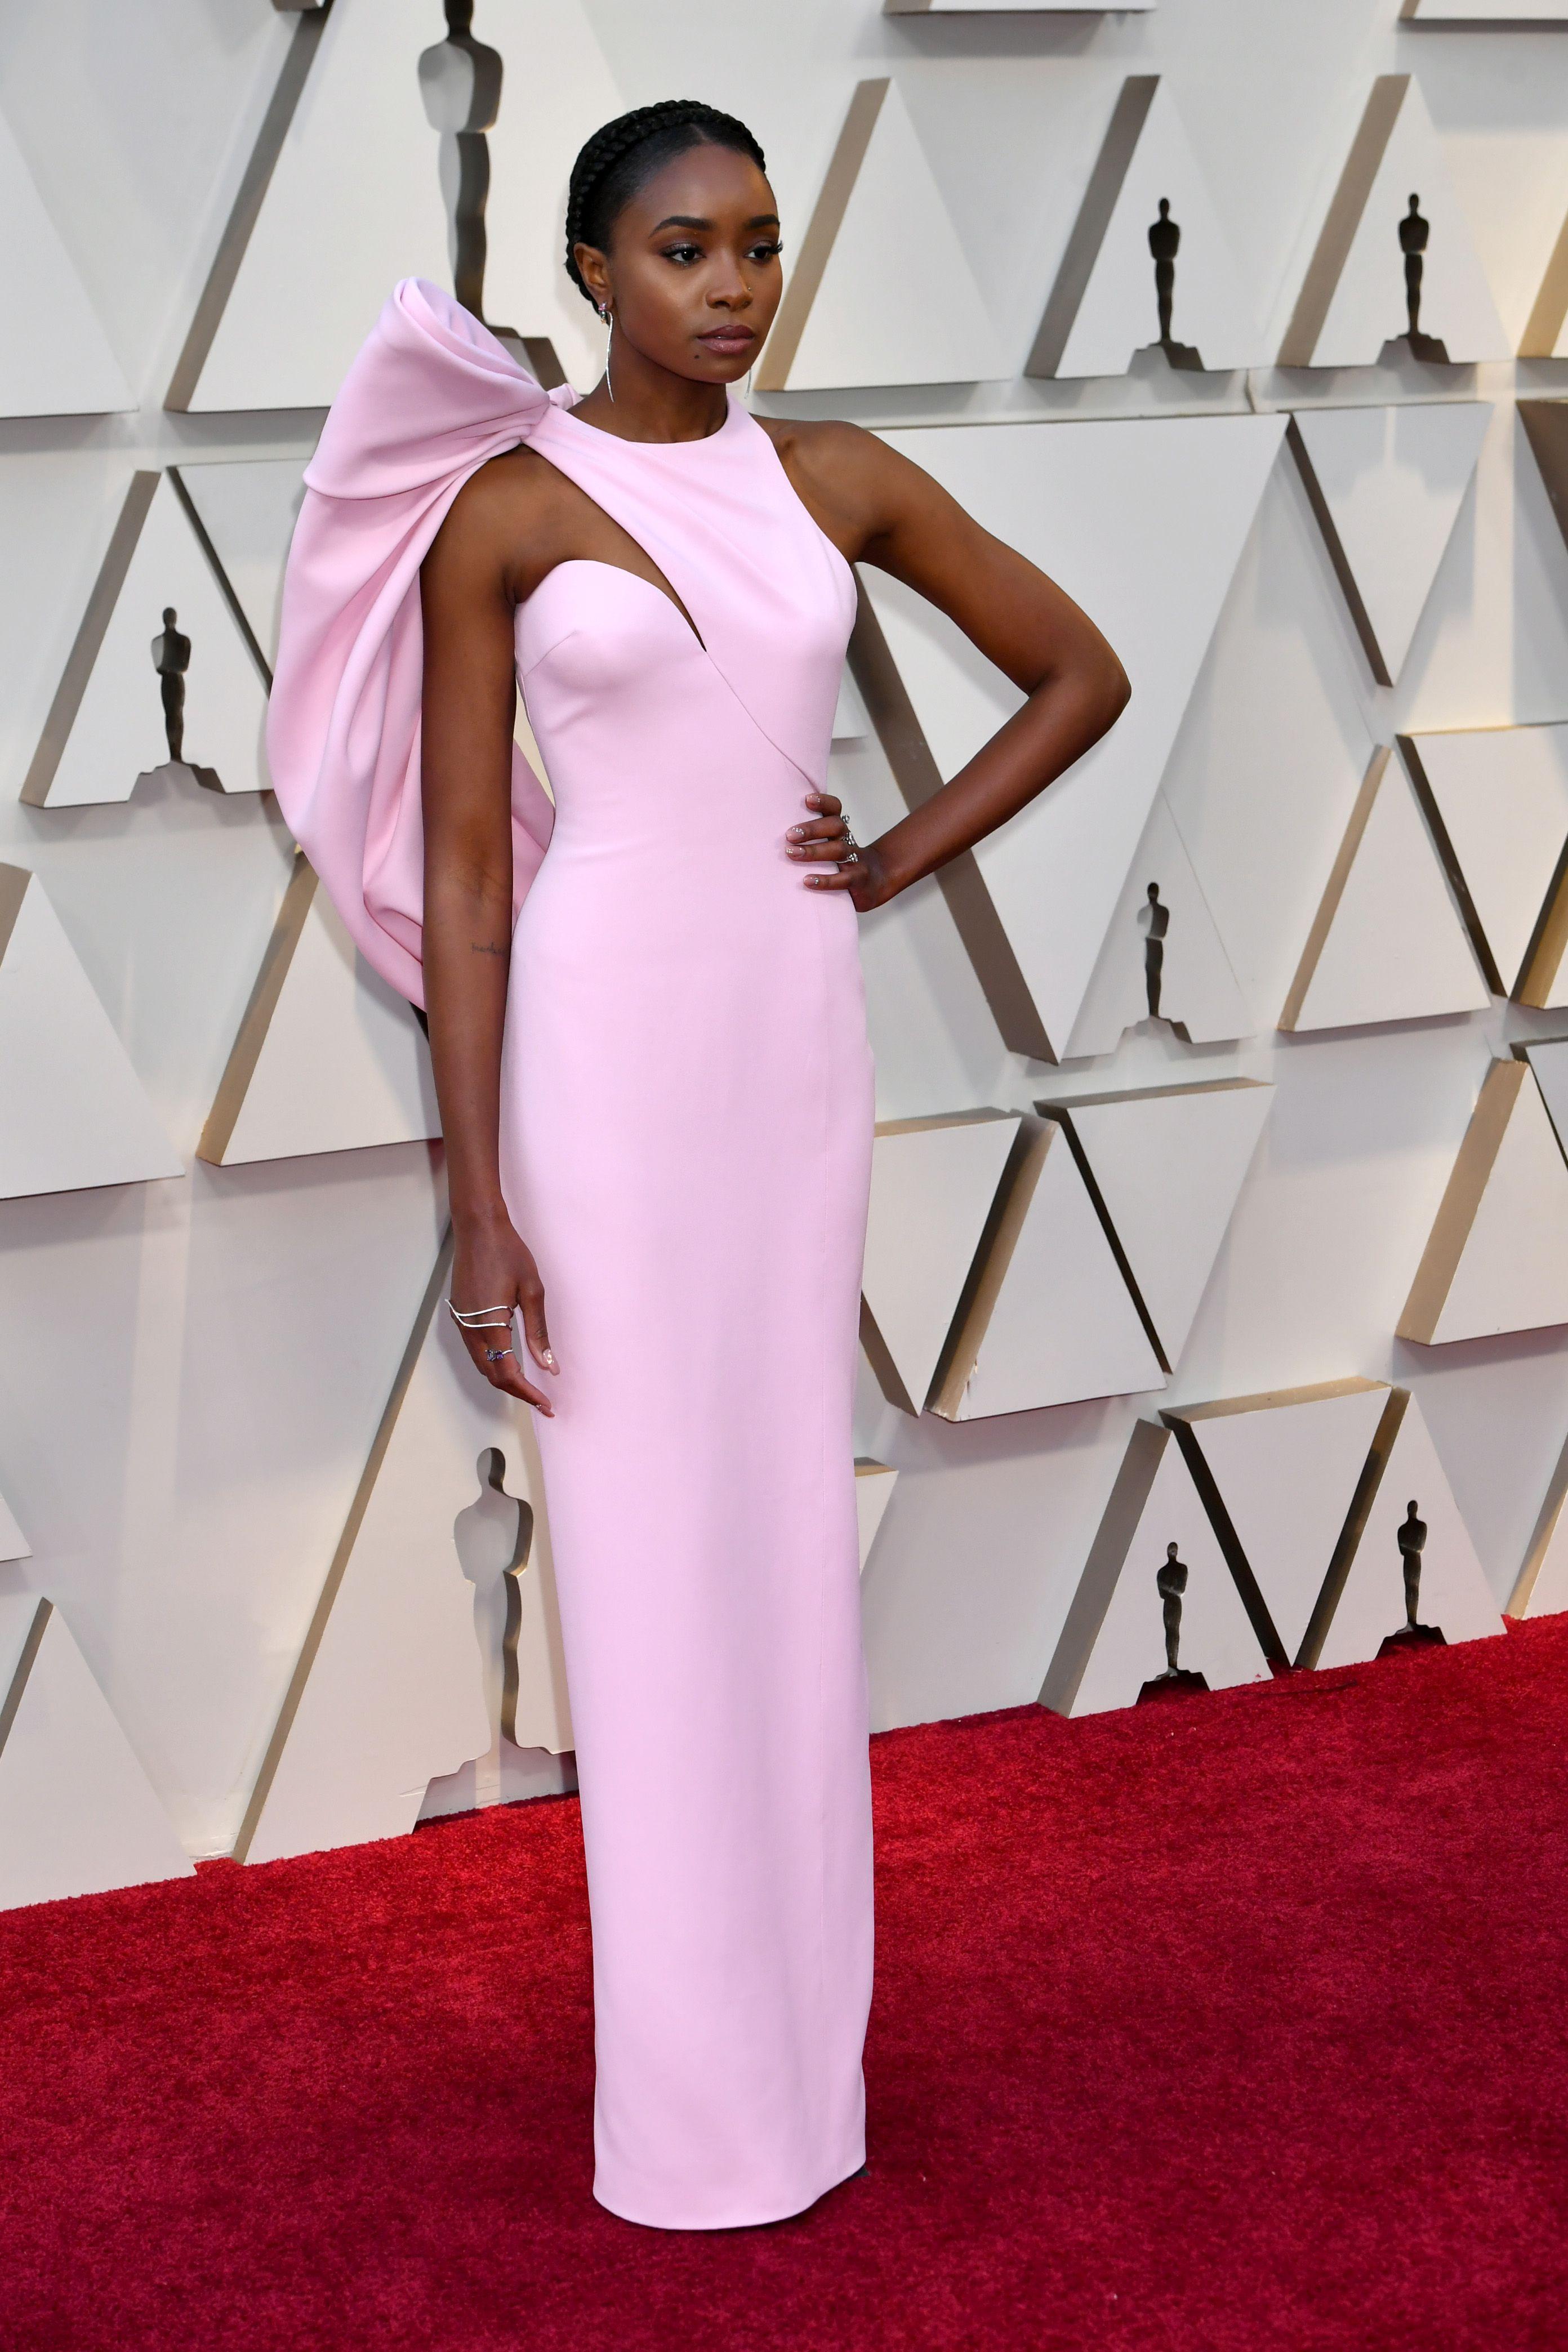 91st Annual Academy Awards - Arrivals - Kiki Layne